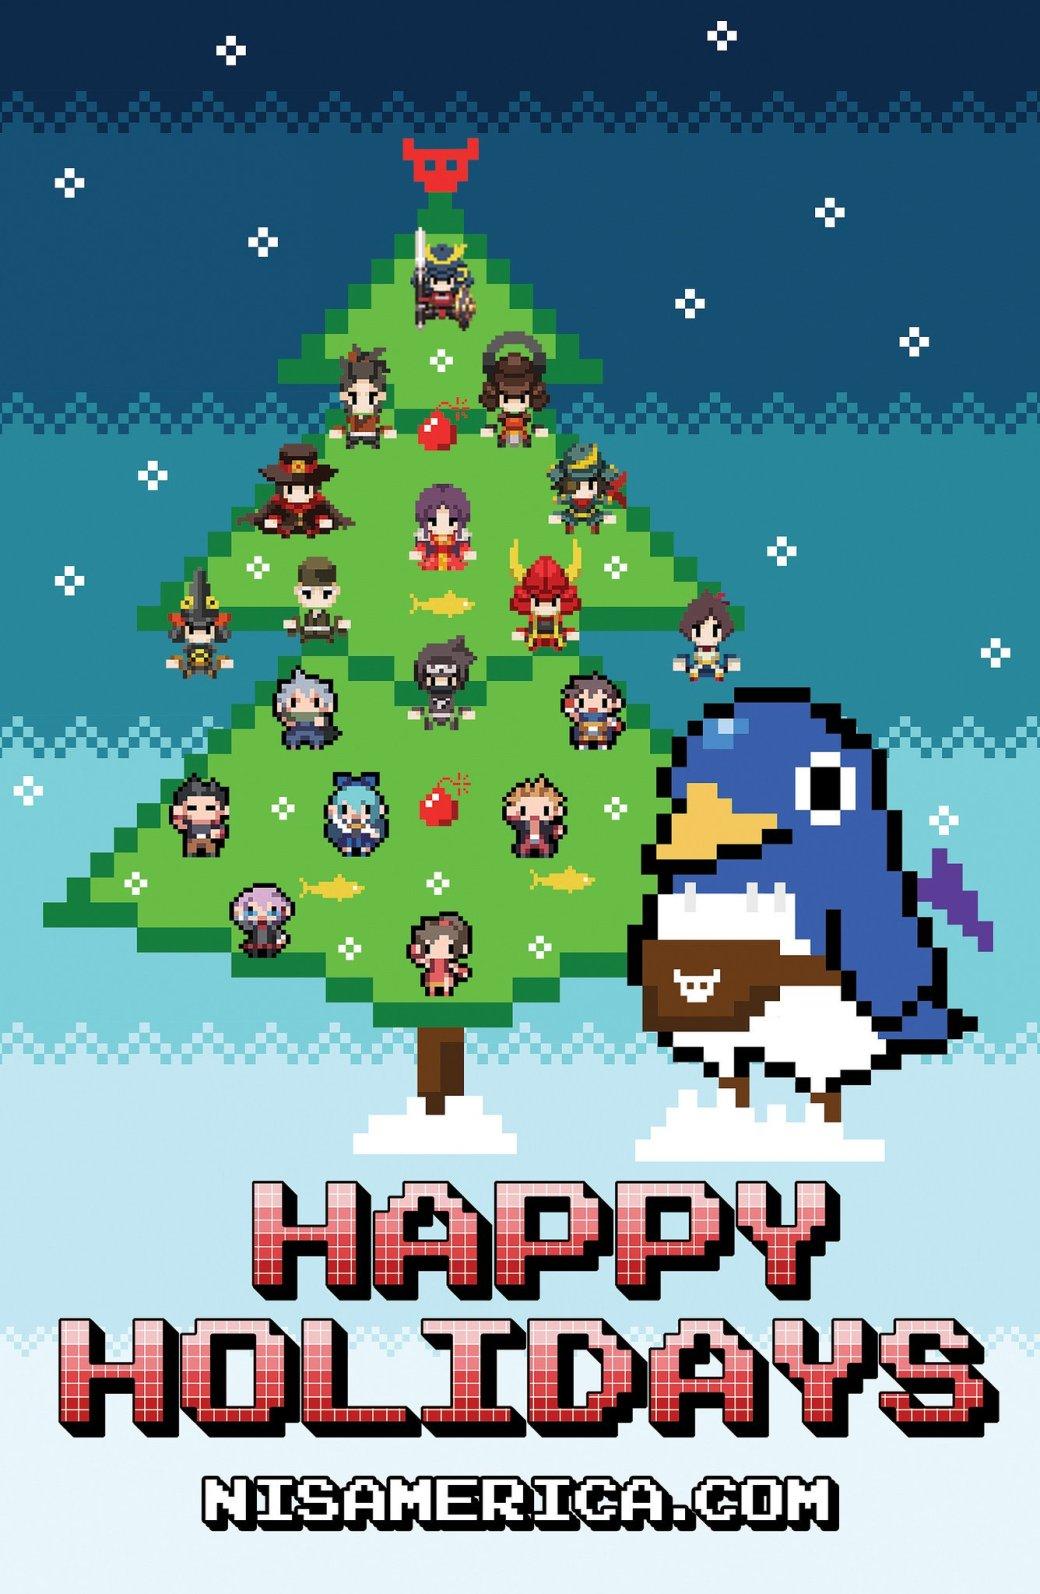 С праздниками! Разработчики поздравляют с Новым годом и Рождеством - Изображение 14